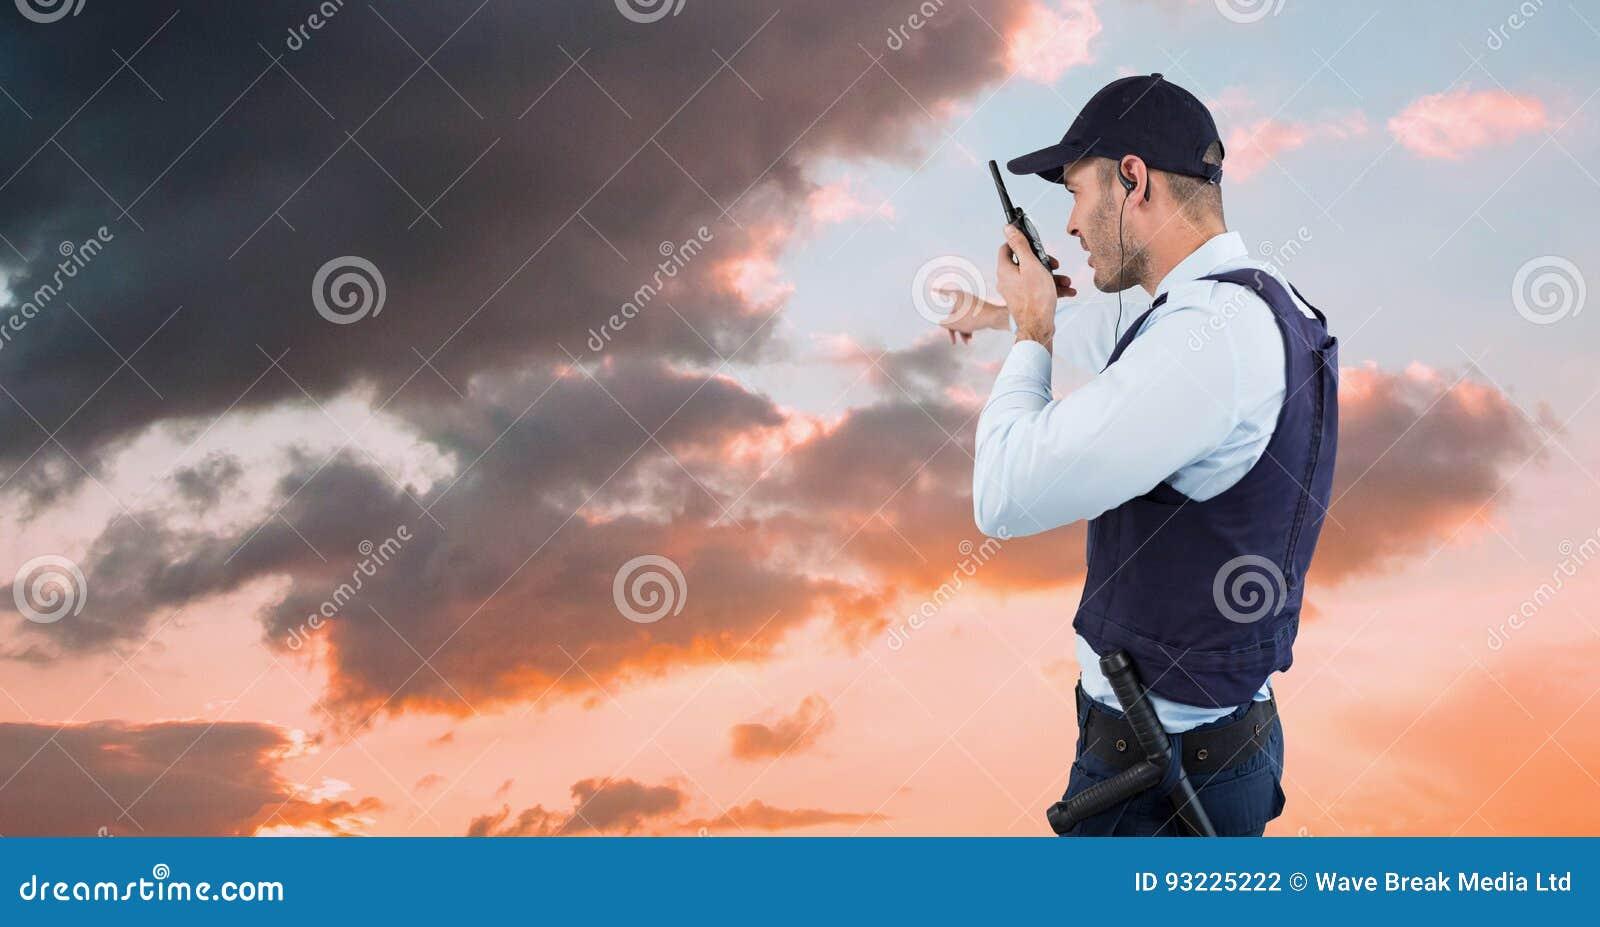 Guardia giurata che gesturing e che parla sul walkie-talkie mentre affrontando verso il cielo